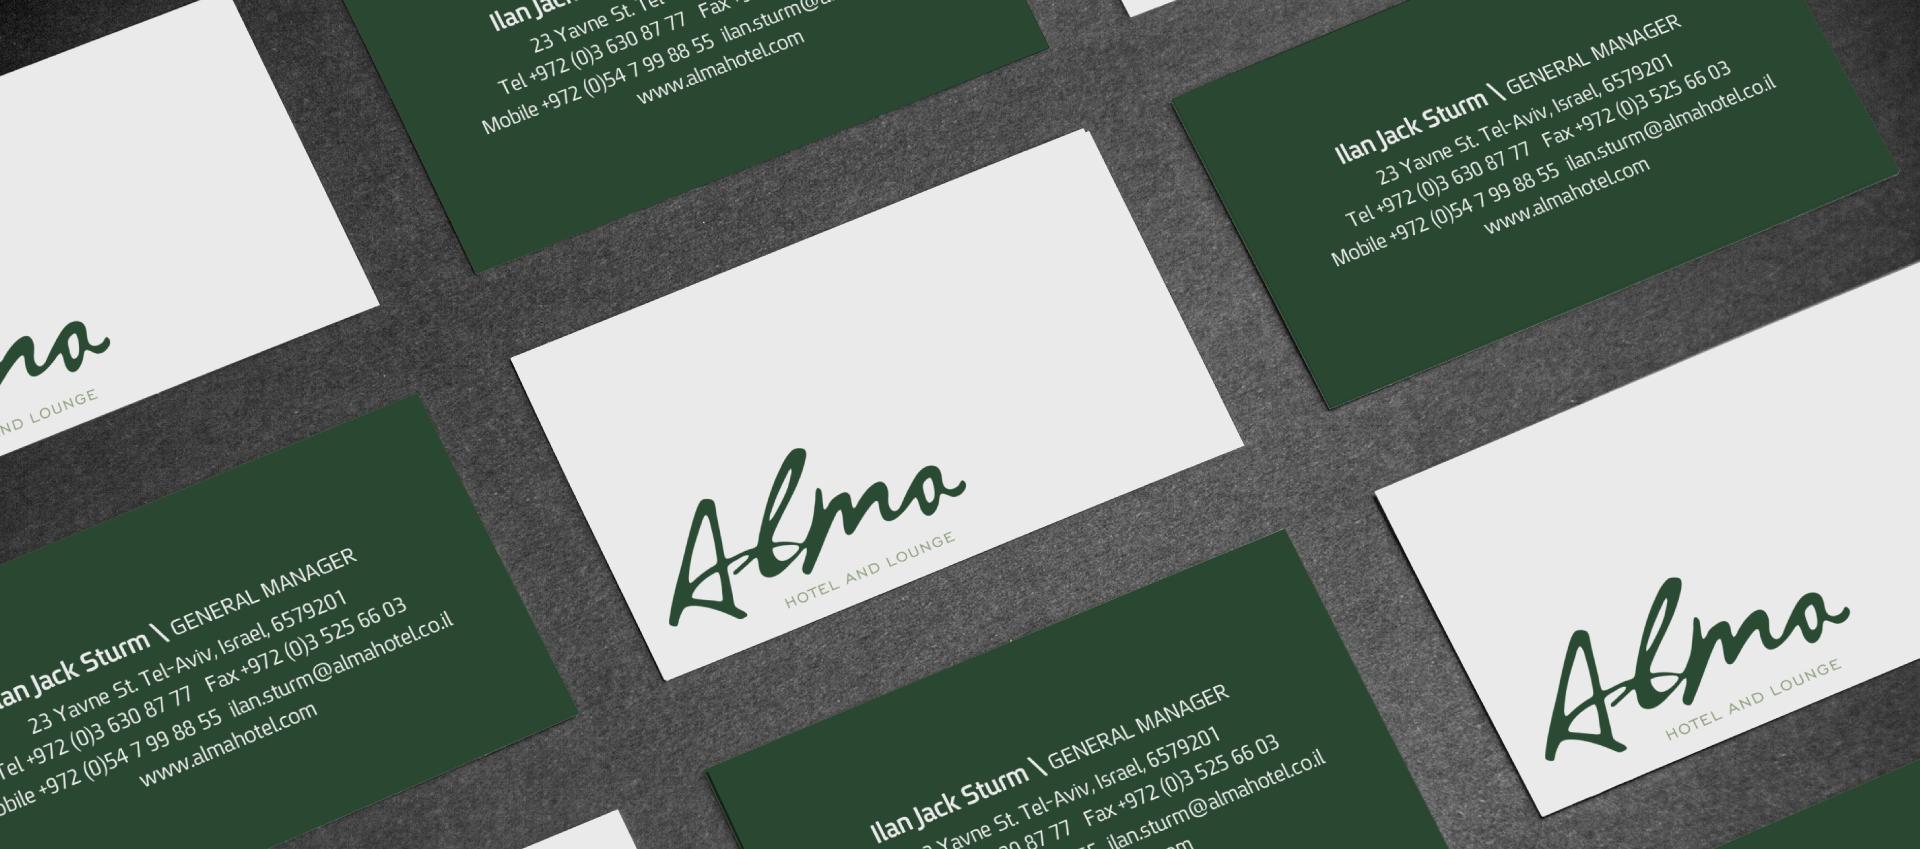 Alma-Hotel-Slider-02Graphic-Design-nadavmizrahi-1_6fe95ecc5d0d353913629cd2dcb95c4e